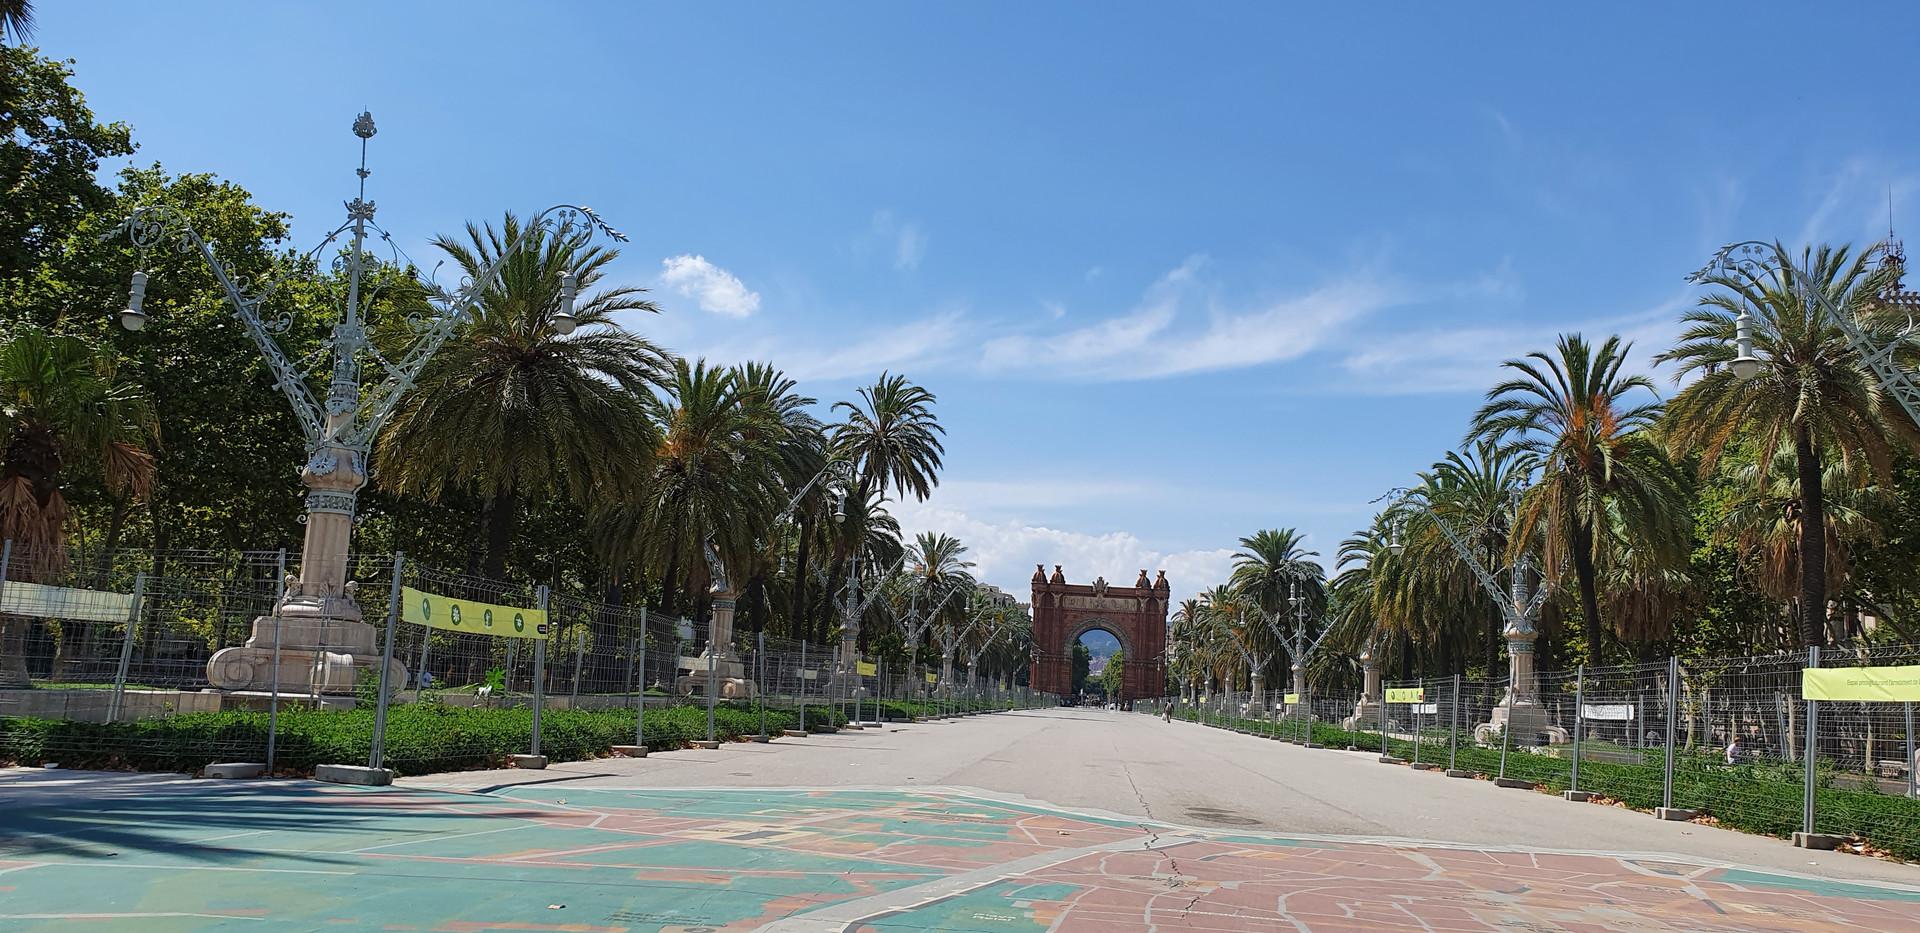 Gay city Barcelona!